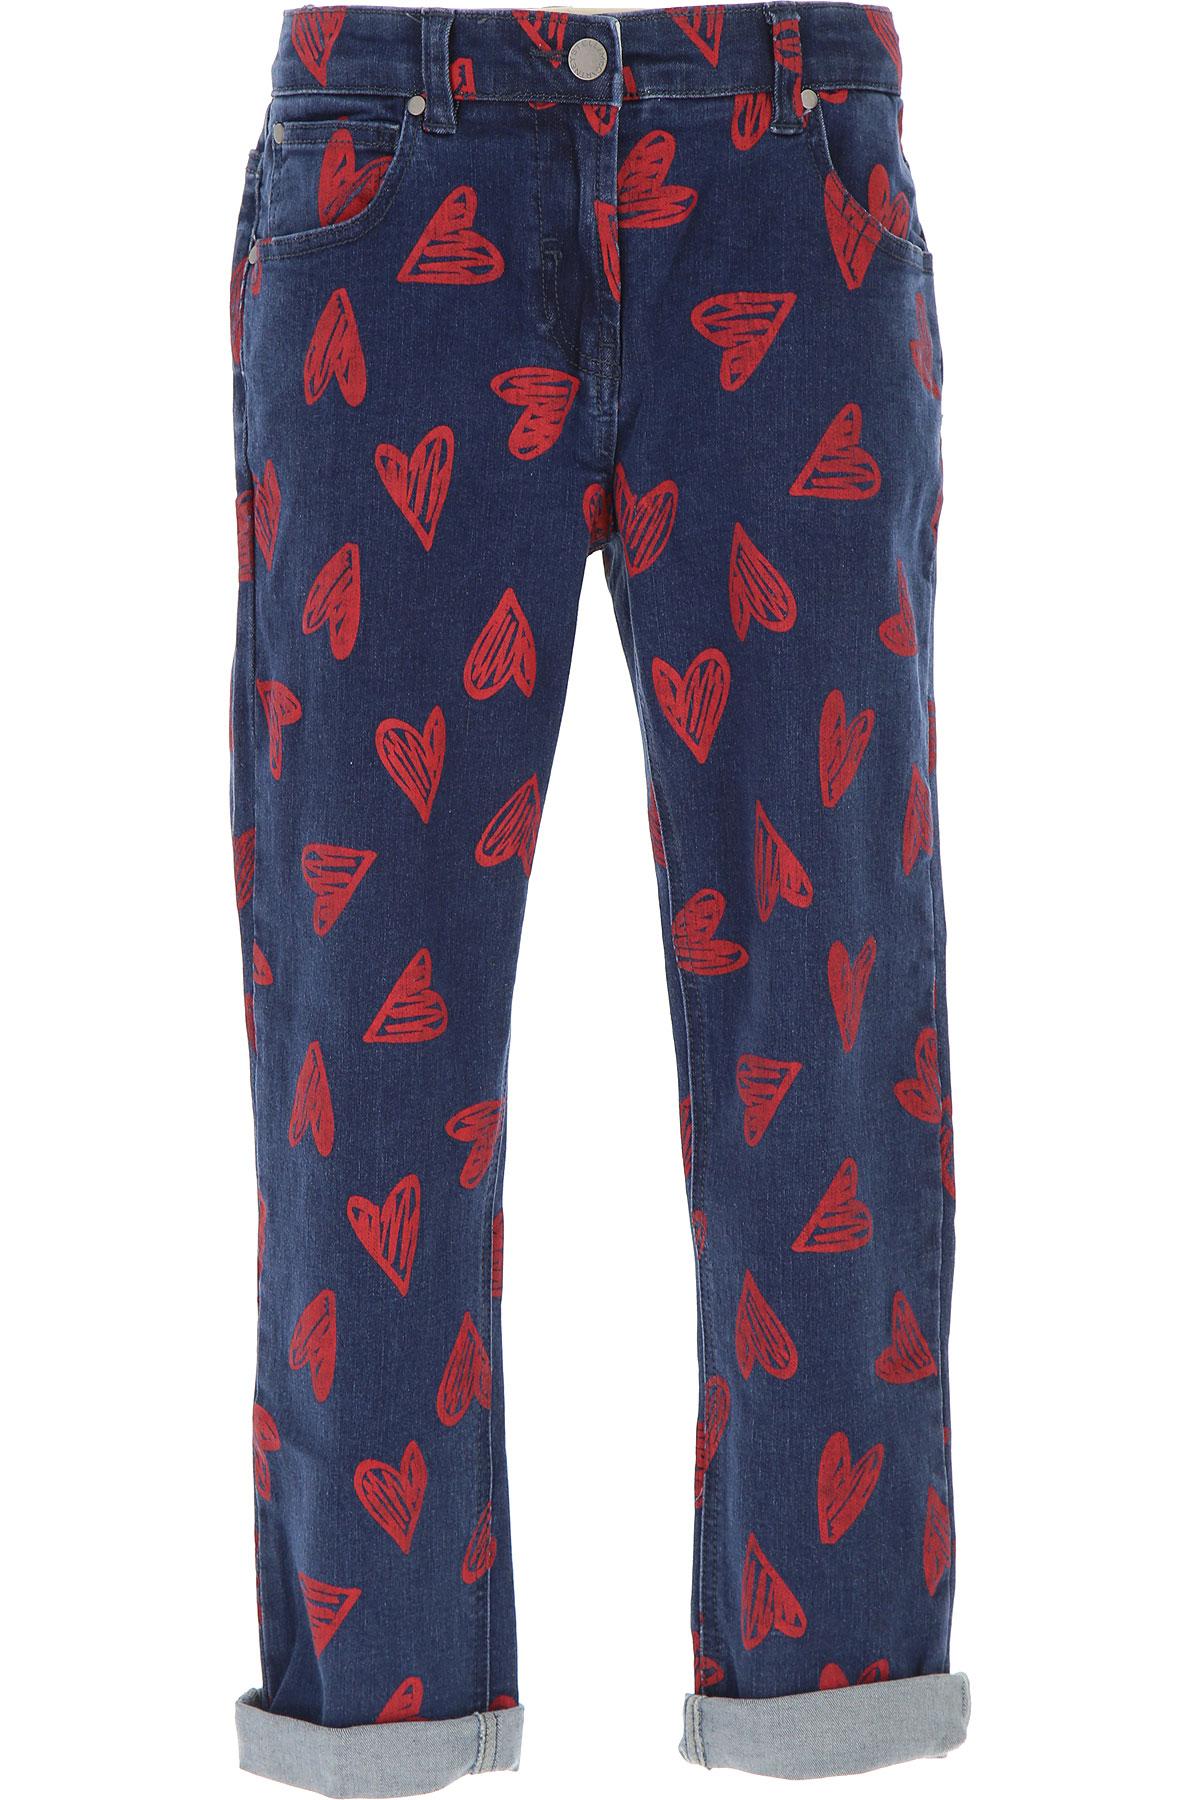 Stella McCartney Kids Jeans for Girls, Blue Denim, Cotton, 2017, 10Y 14Y 16Y 8Y USA-471423